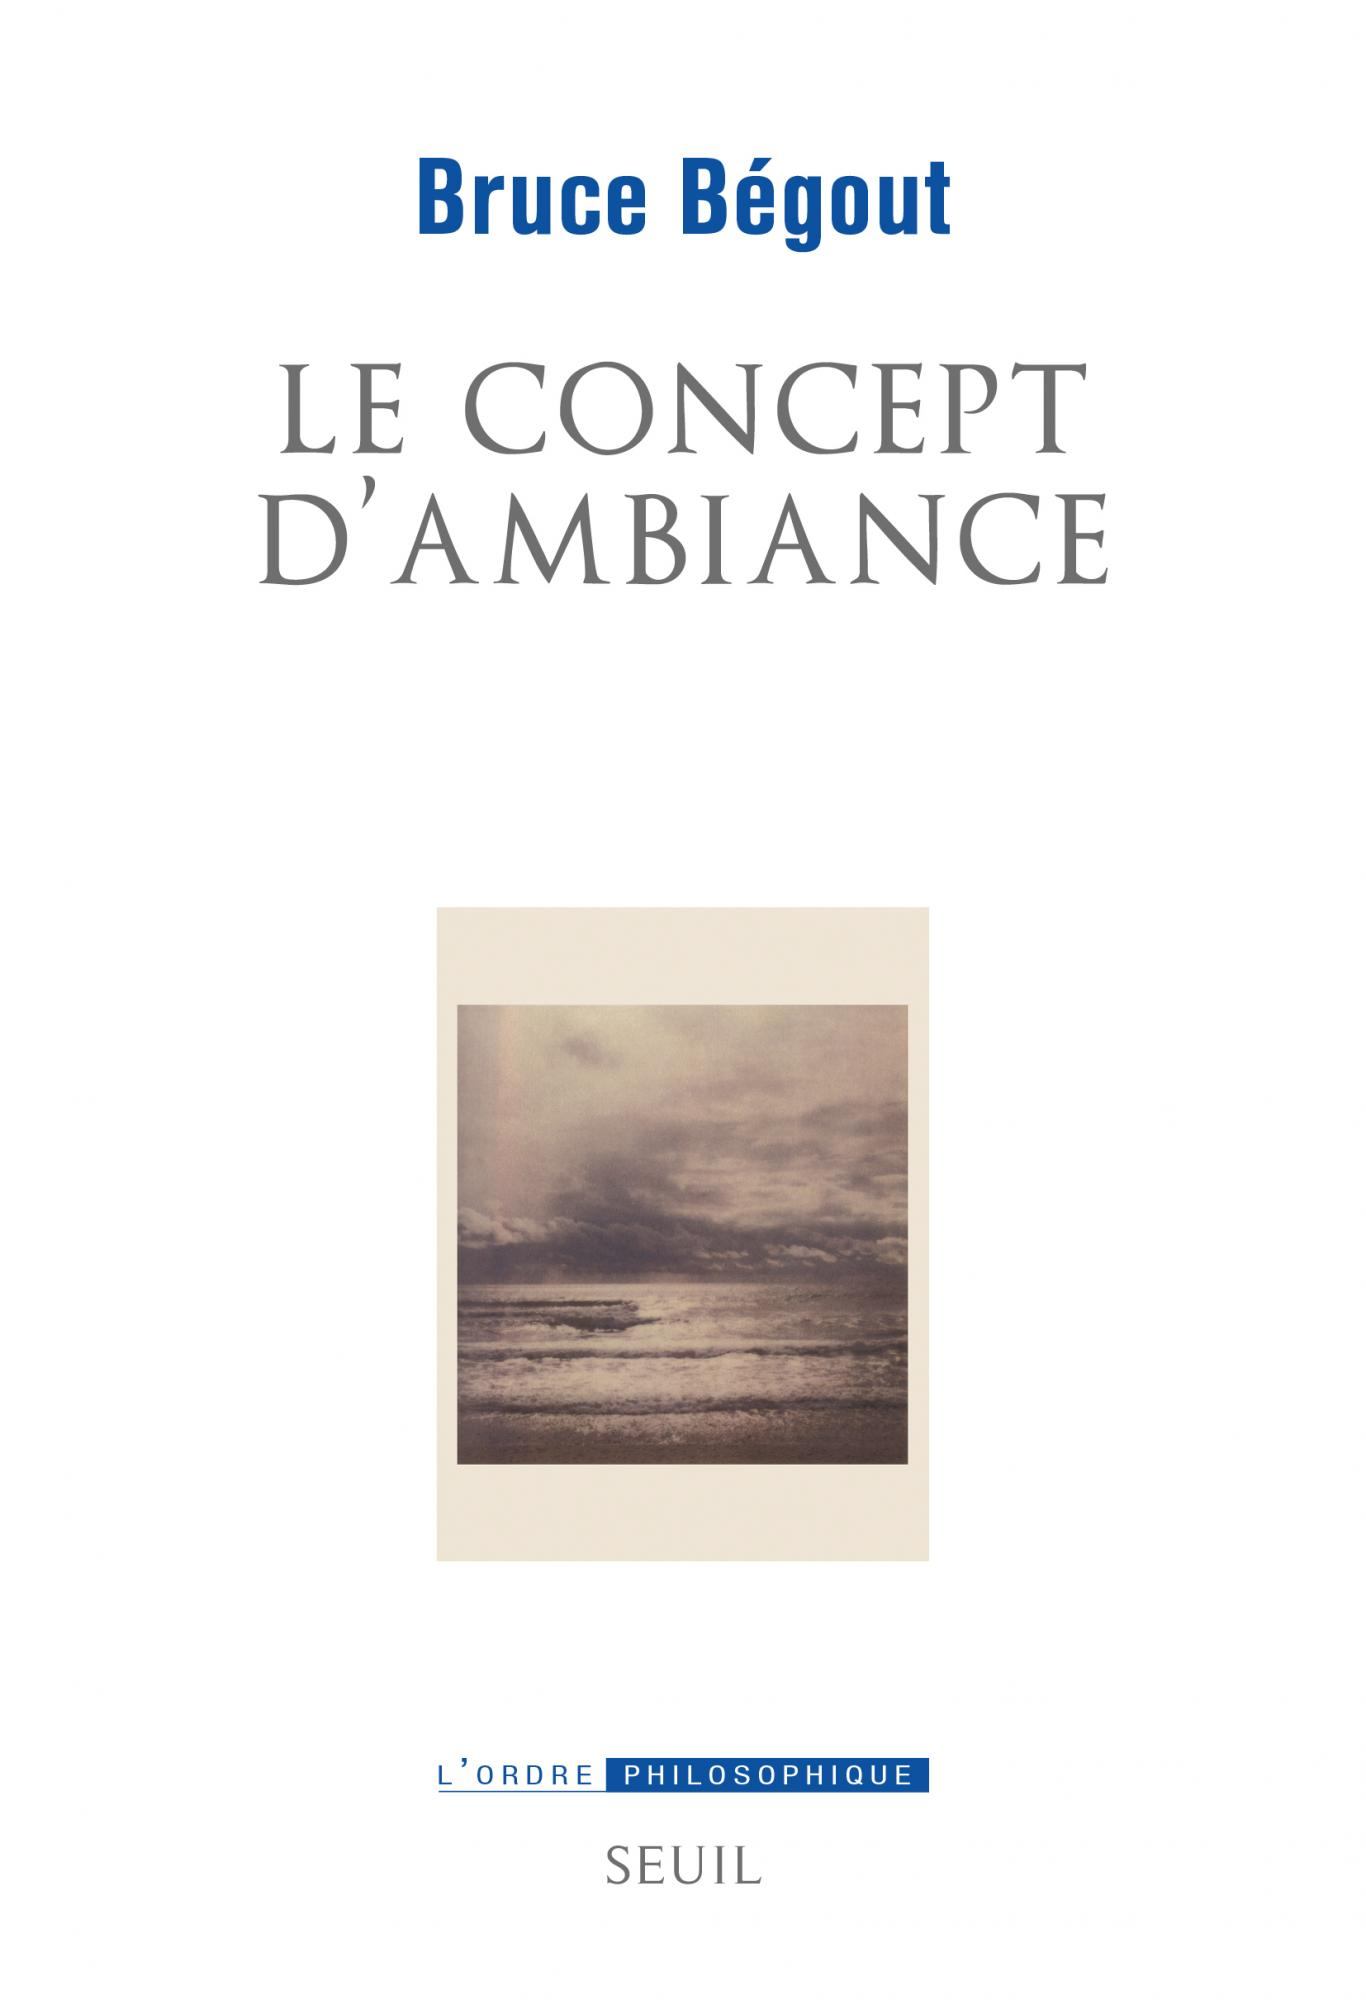 B. Bégout, Le concept d'ambiance